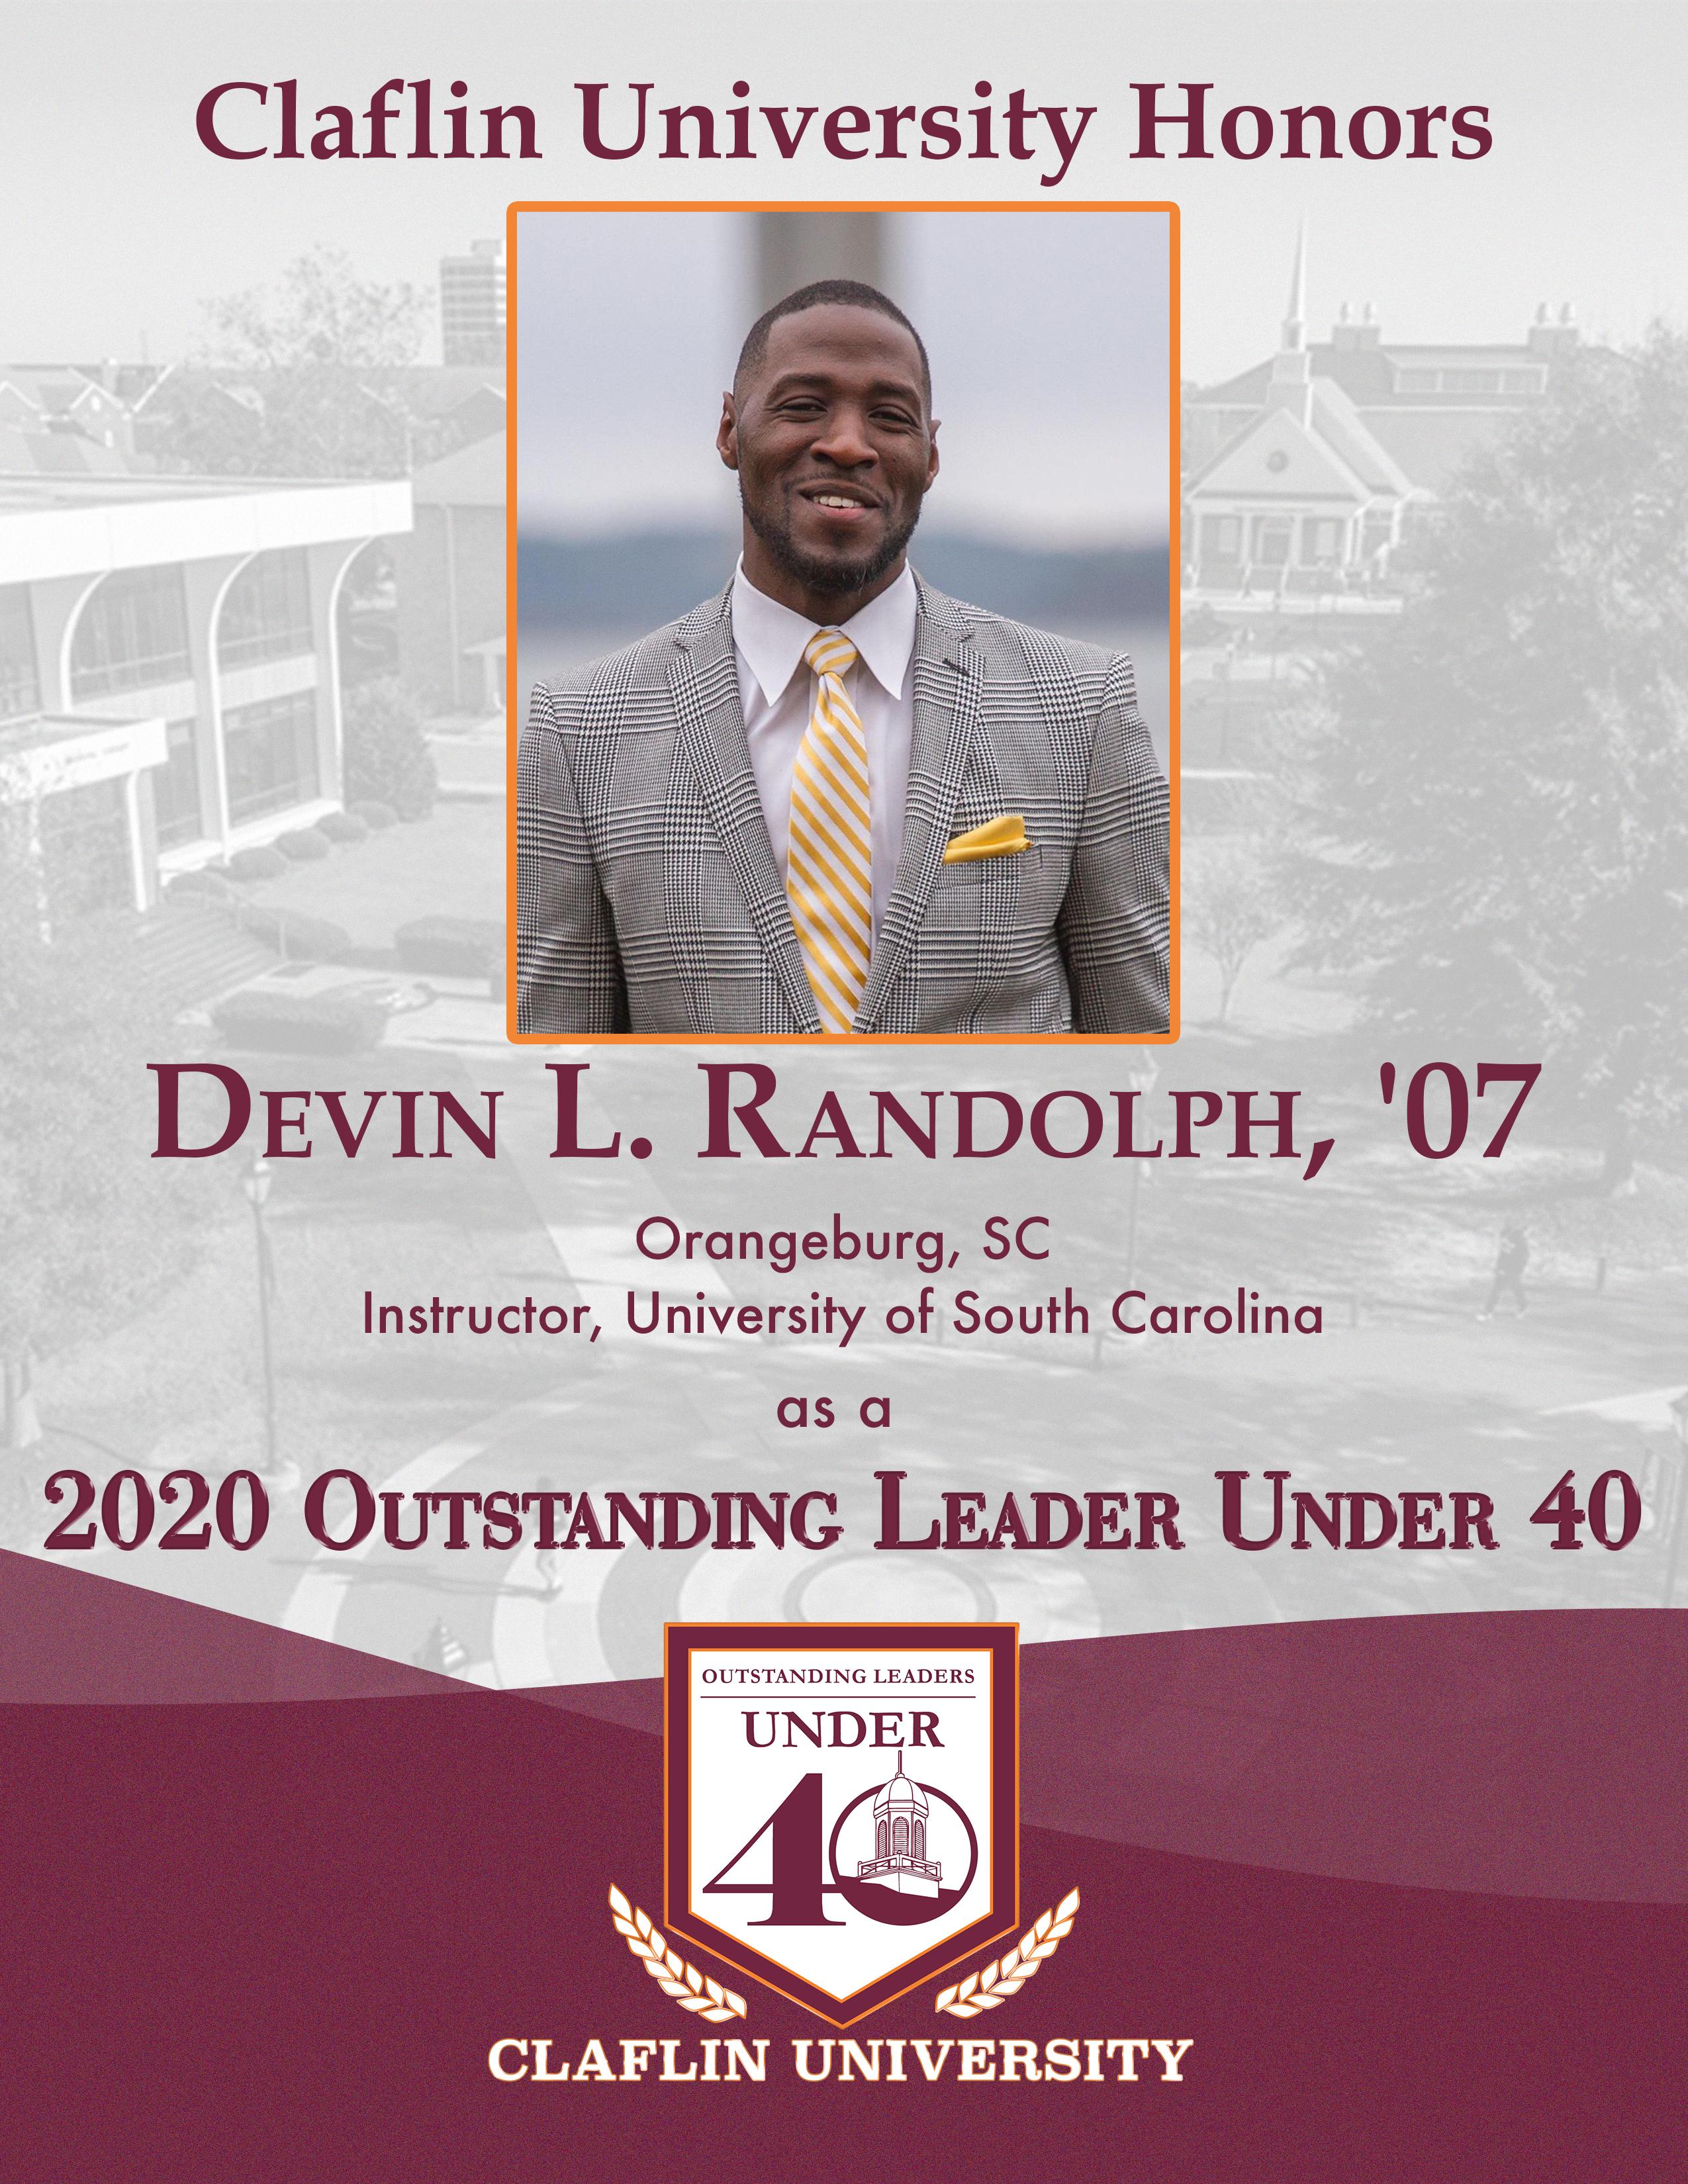 Devin L. Randolph